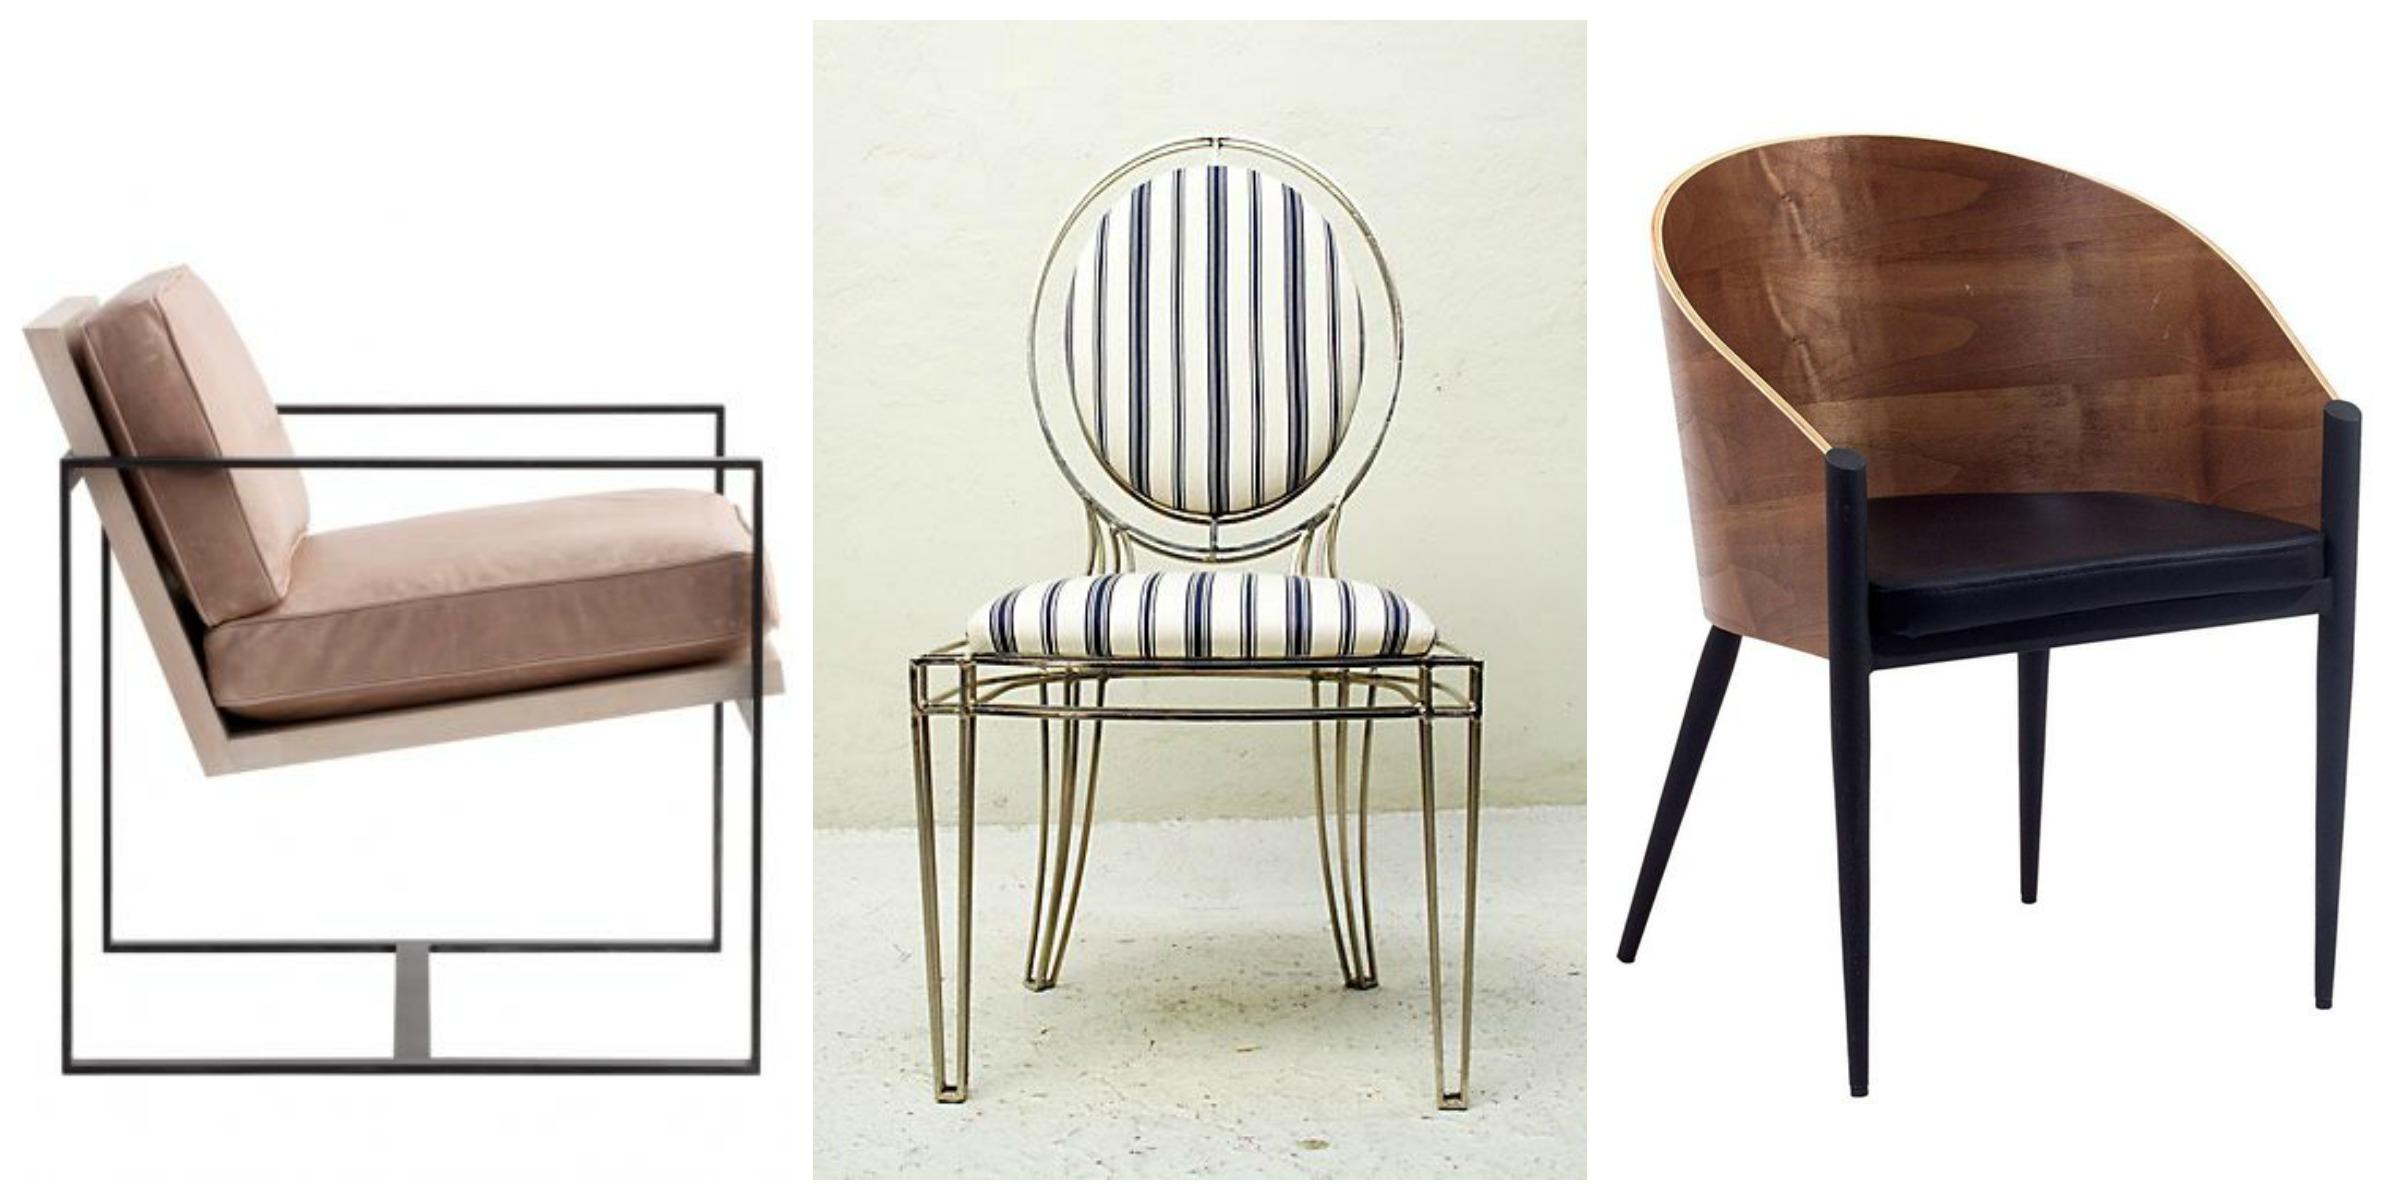 antique furniture | designed equilibrium